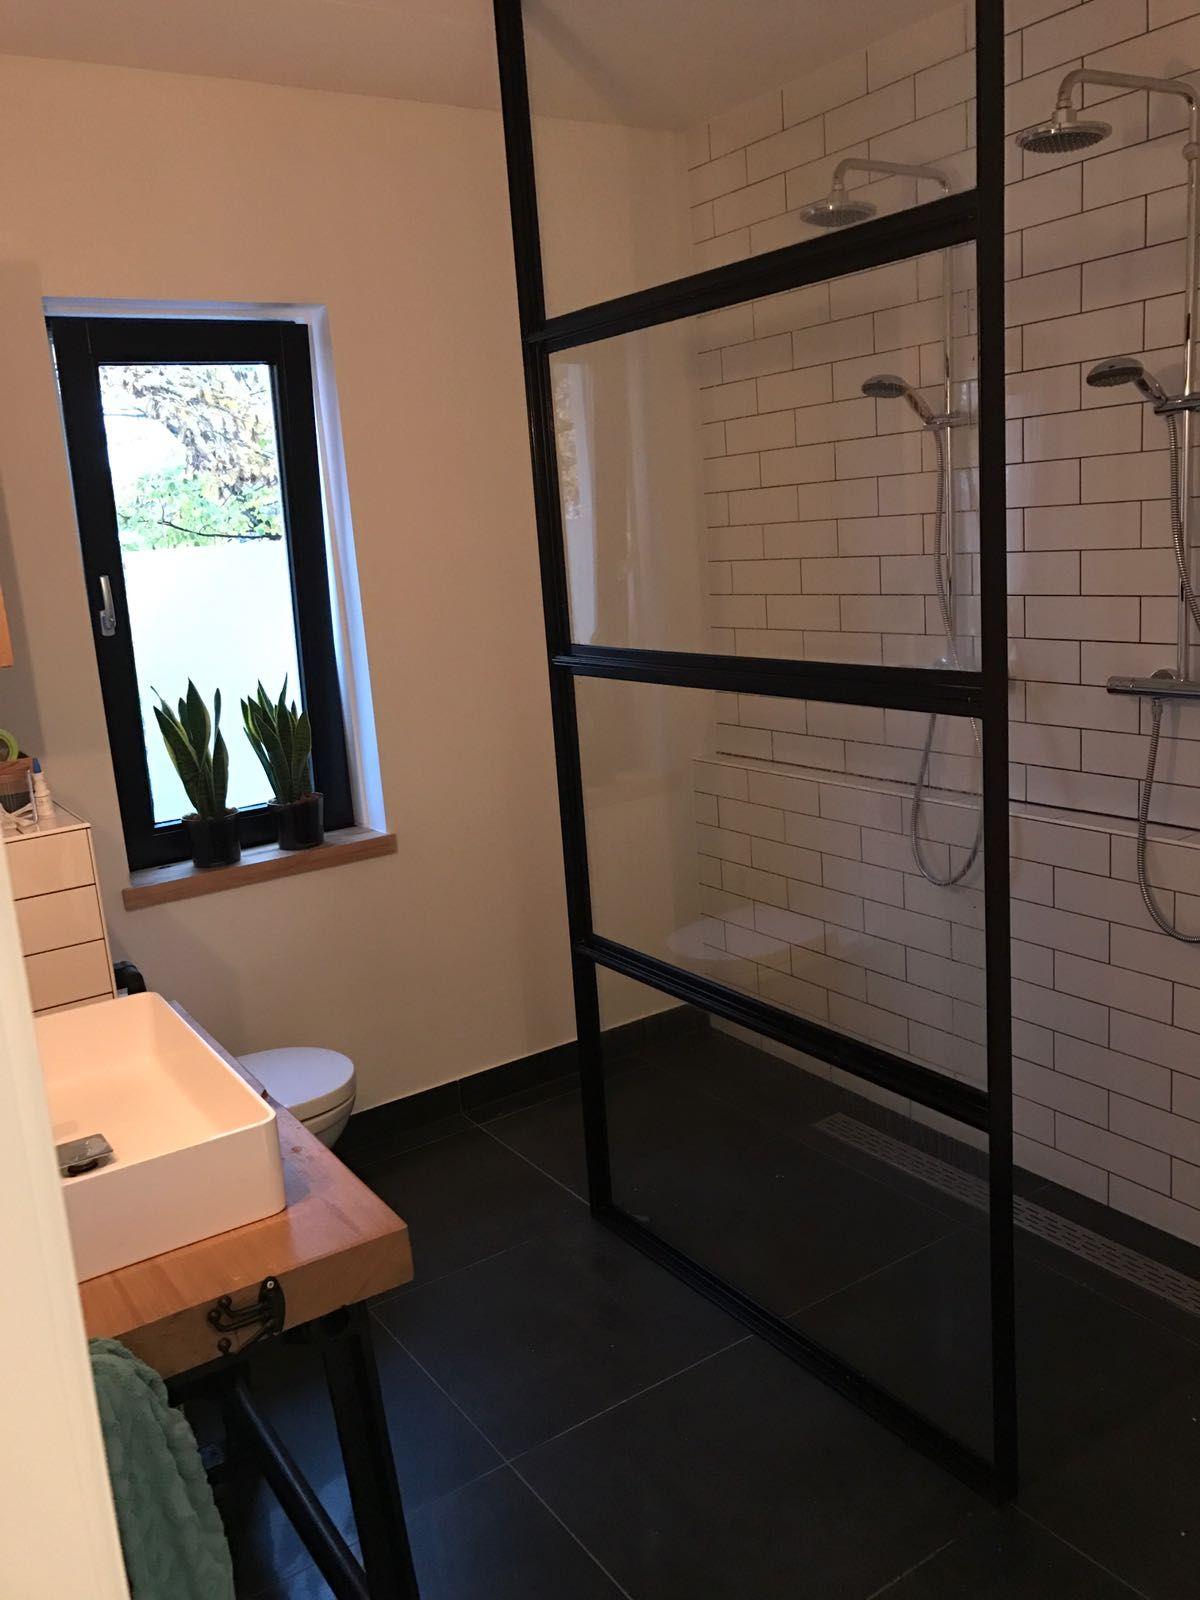 Glazen Wand Badkamer Op Maat.Douchewand Glasconcept